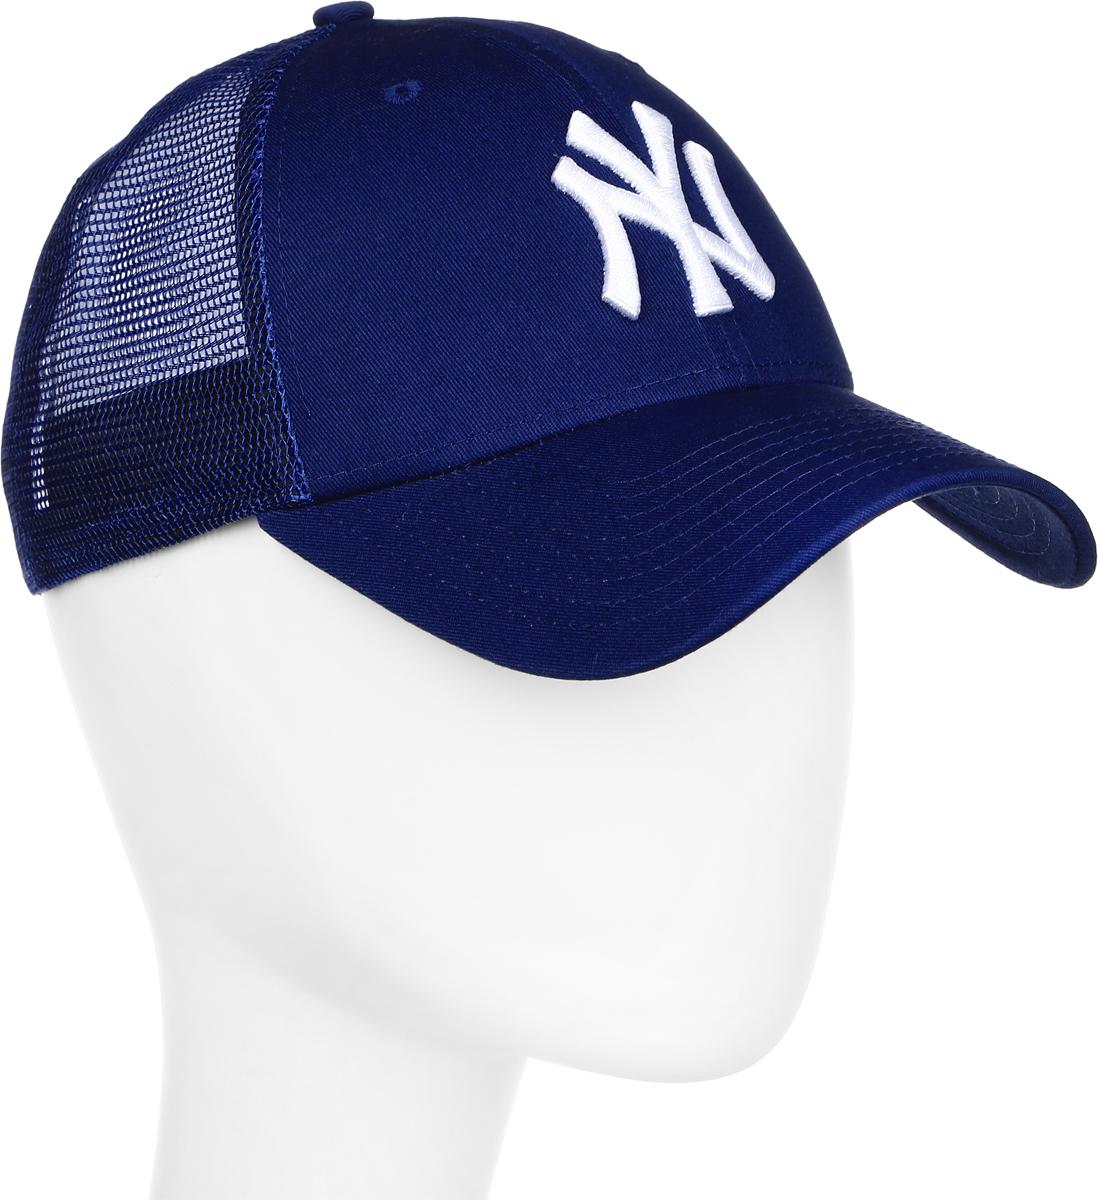 Бейсболка New Era Core Trucker New York Yankees, цвет: синий, белый. 11214168-LRY. Размер универсальный11214168-LRYСтильная бейсболка New Era, выполненная из высококачественного материала, идеально подойдет для прогулок, занятий спортом и отдыха.Изделие оформлено объемным вышитым логотипом знаменитой бейсбольной команды New York Yankees и логотипом бренда New Era, сзади купол кепки исполнен из сетки для большей воздухопроницаемости.Бейсболка надежно защитит вас от солнца и ветра. Эта модель станет отличным аксессуаром и дополнит ваш повседневный образ.